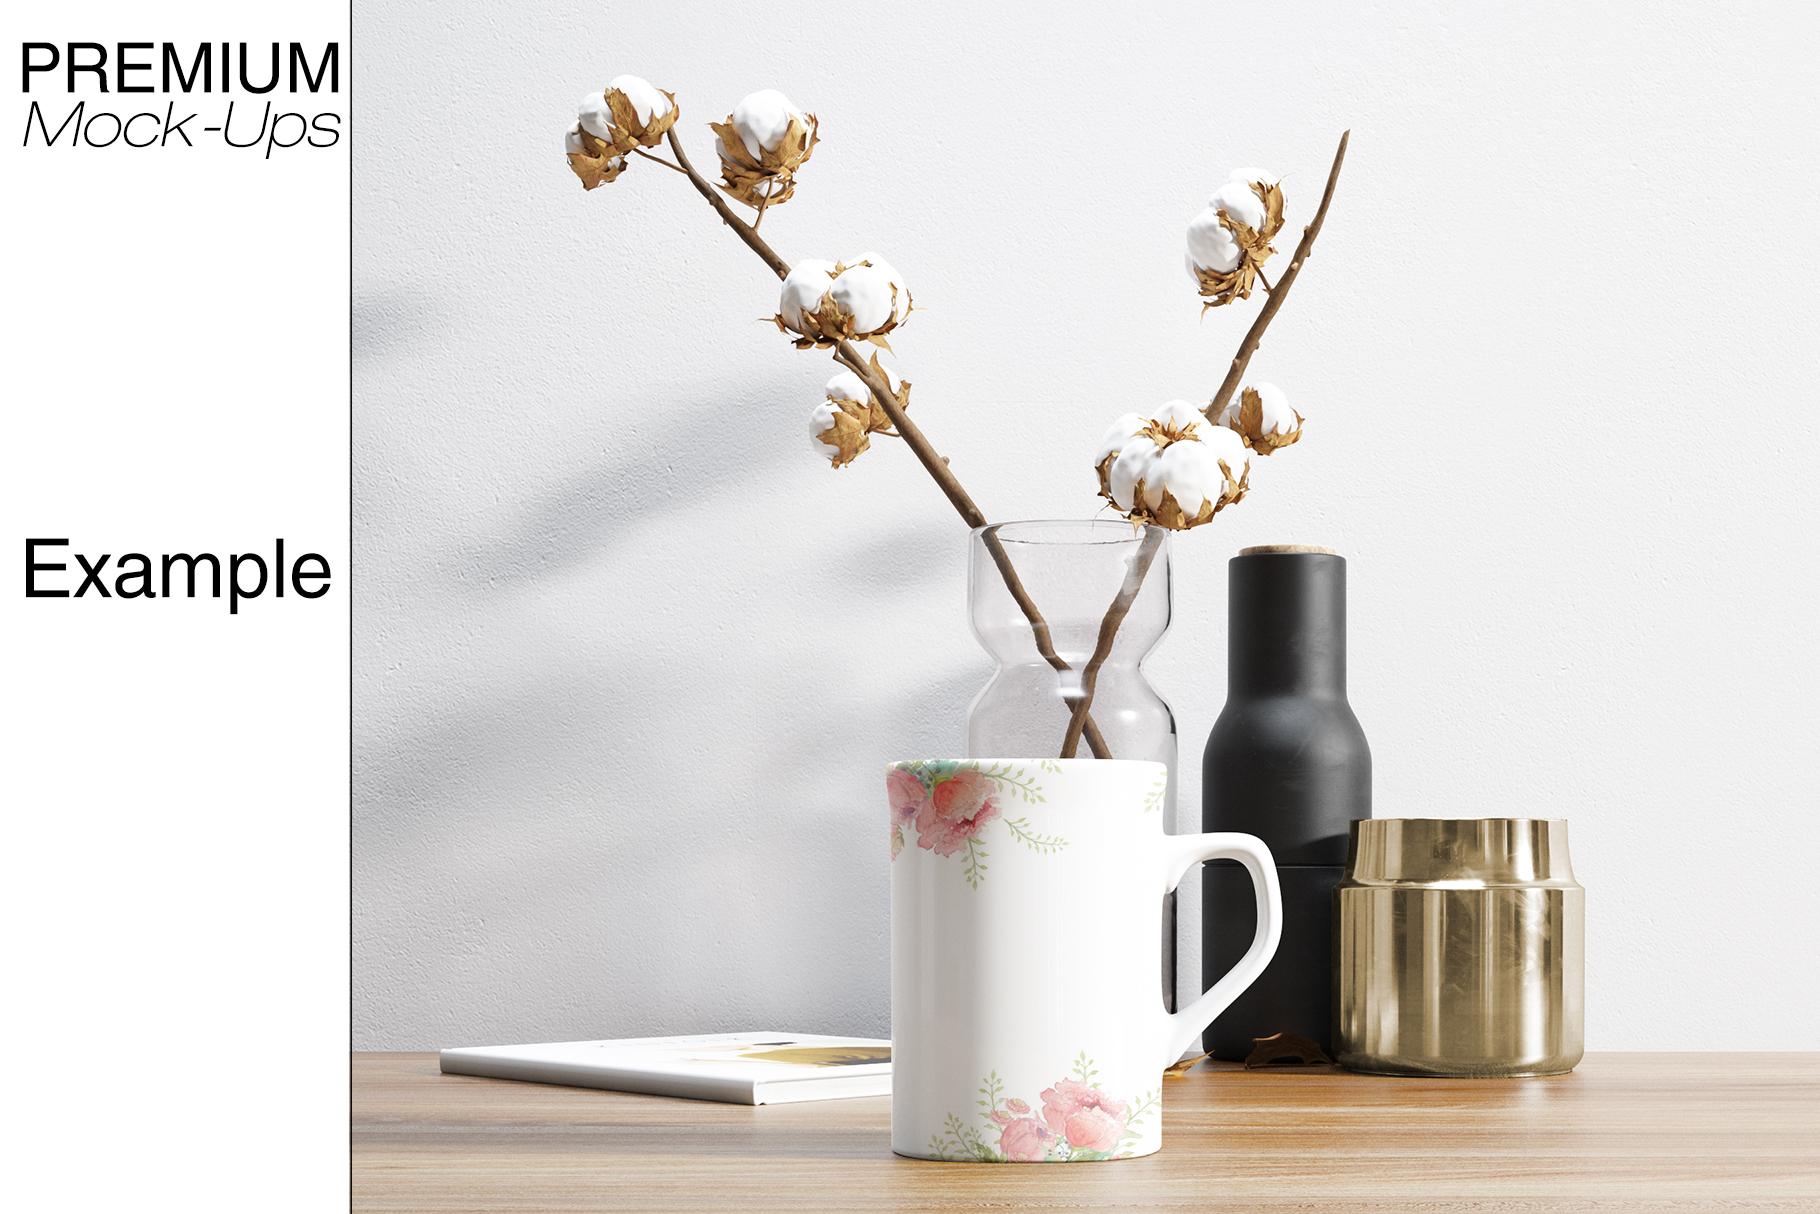 Mug Mockups - Many Shapes example image 17